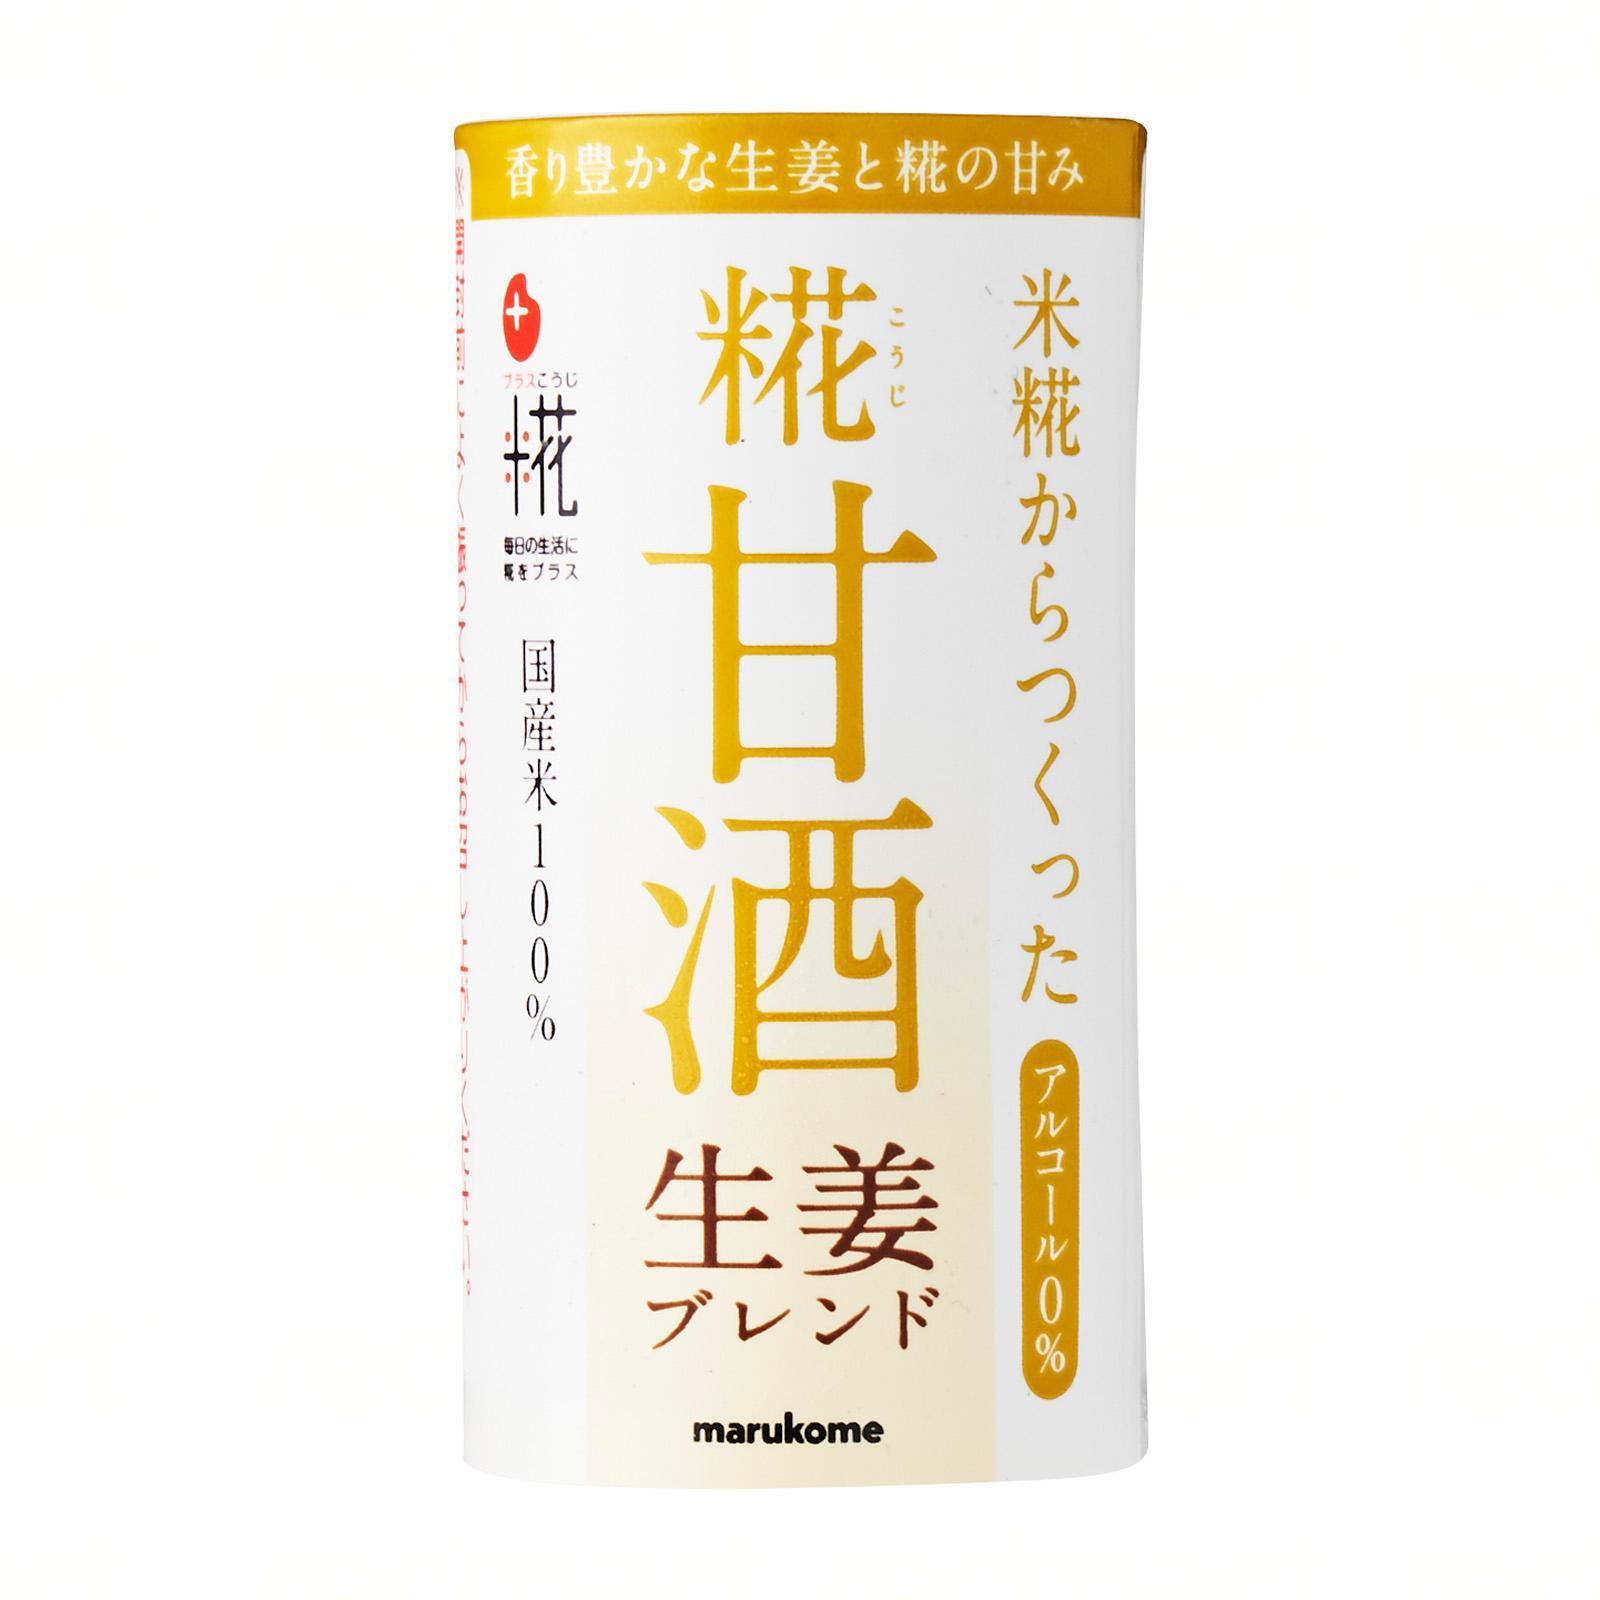 Marukome Ginger Blended Amazake Drink - Jetro Special